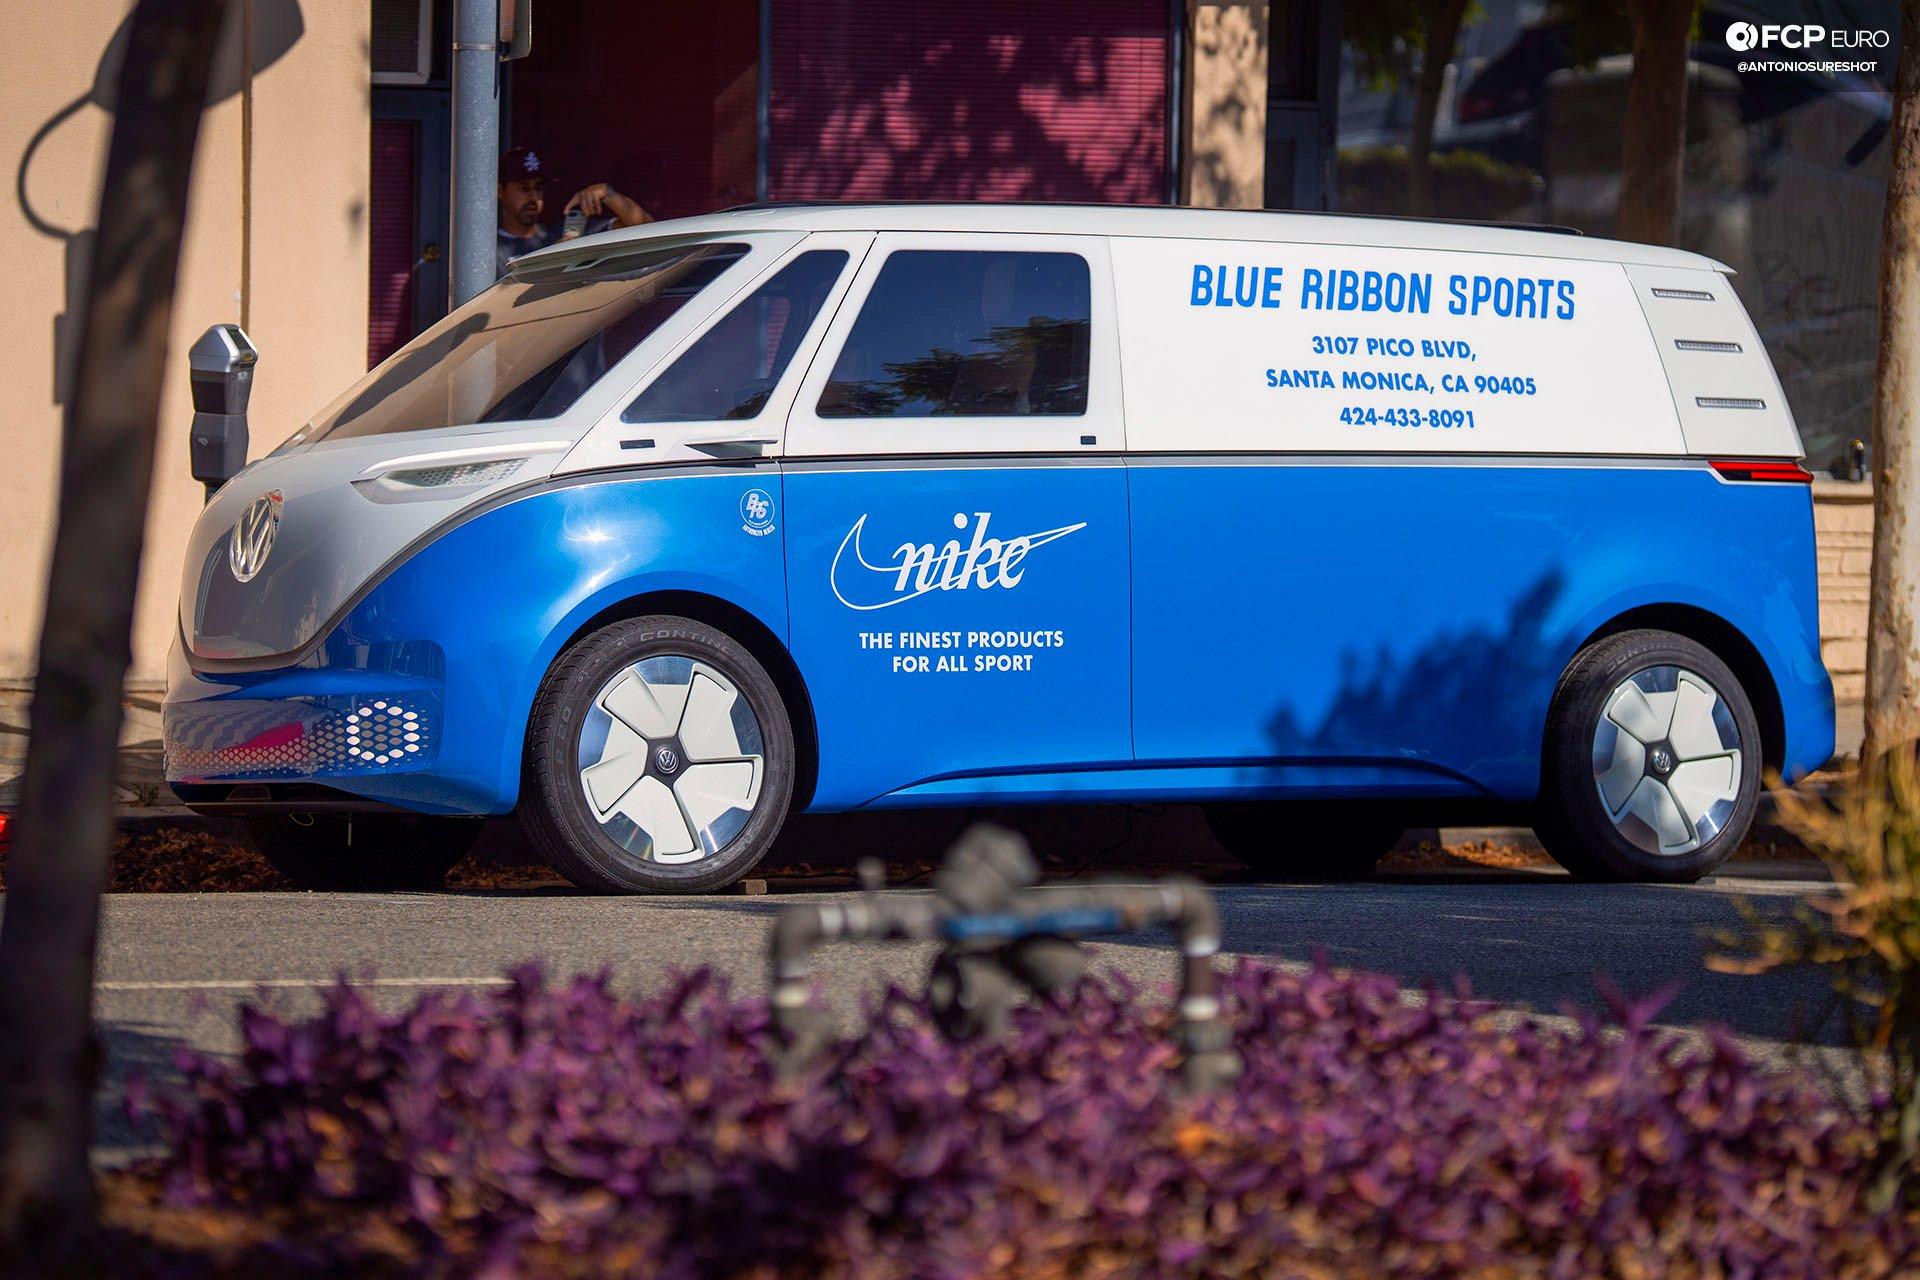 VW ID Cargo Nike Blue Ribbon Sports 1920wm EOSR9104